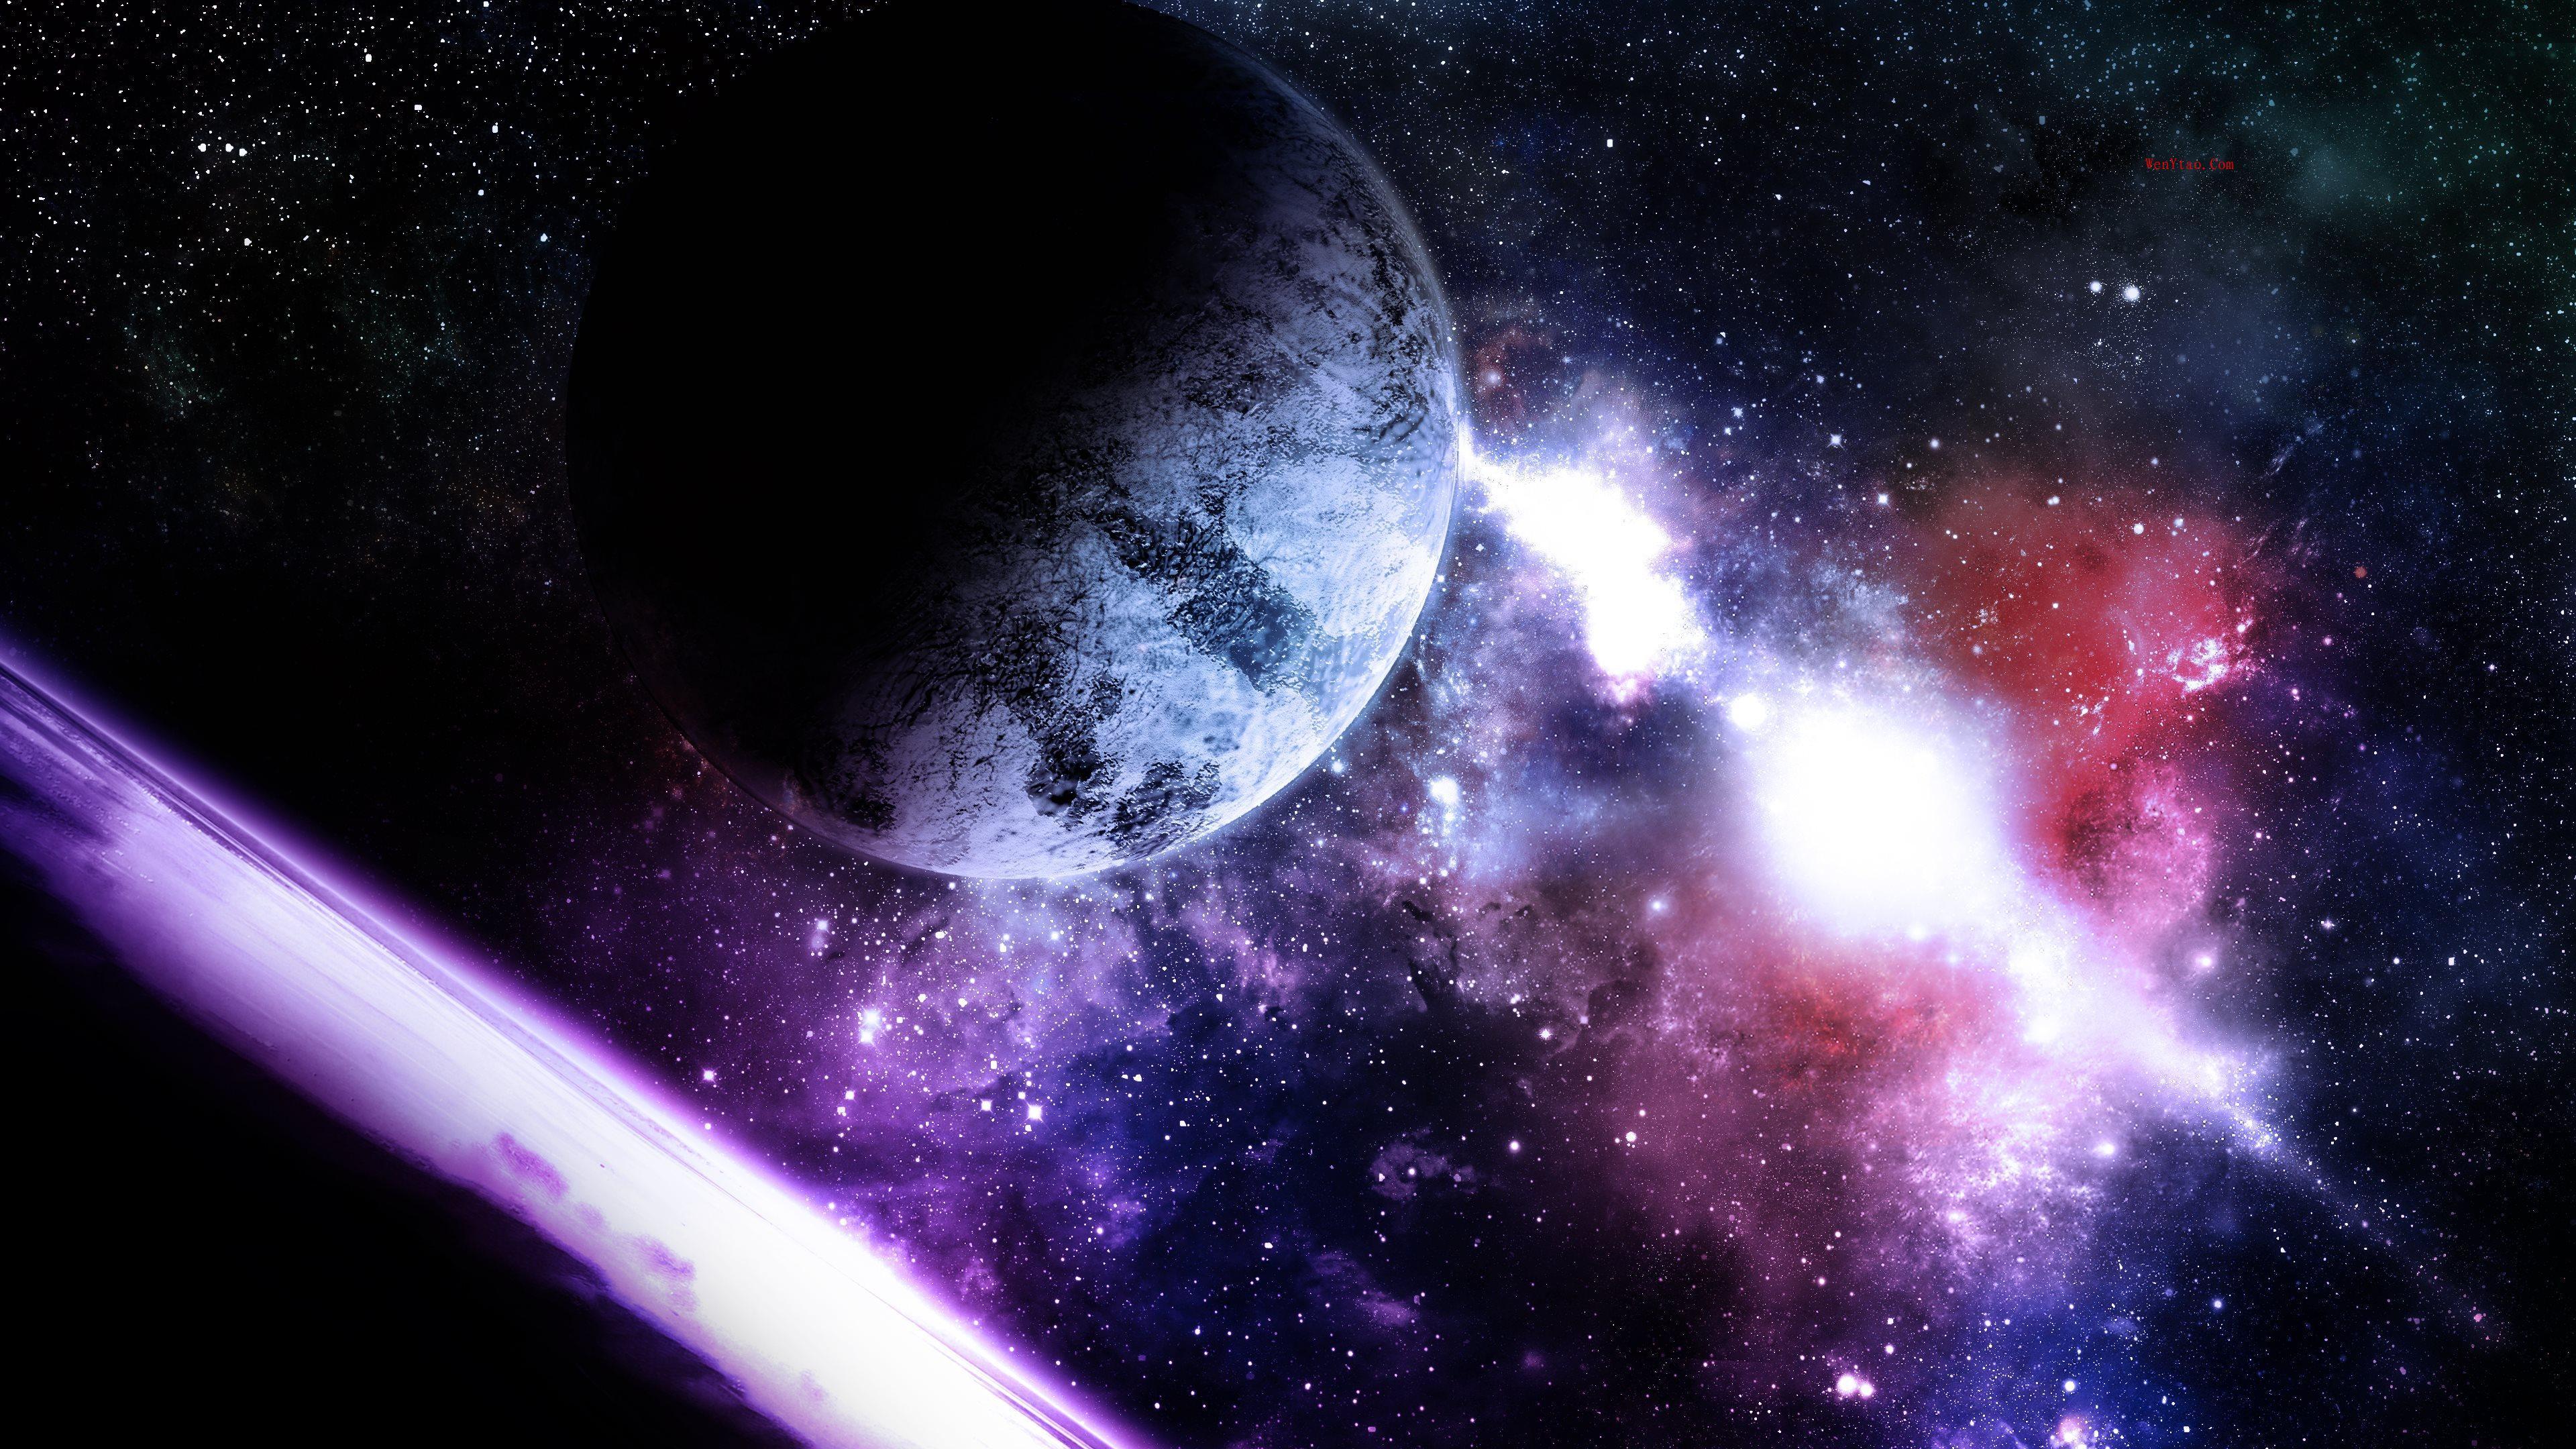 风景奇幻梦境山峰星空繁星云雾夜晚星空星球梦幻5k壁纸 风景 第12张